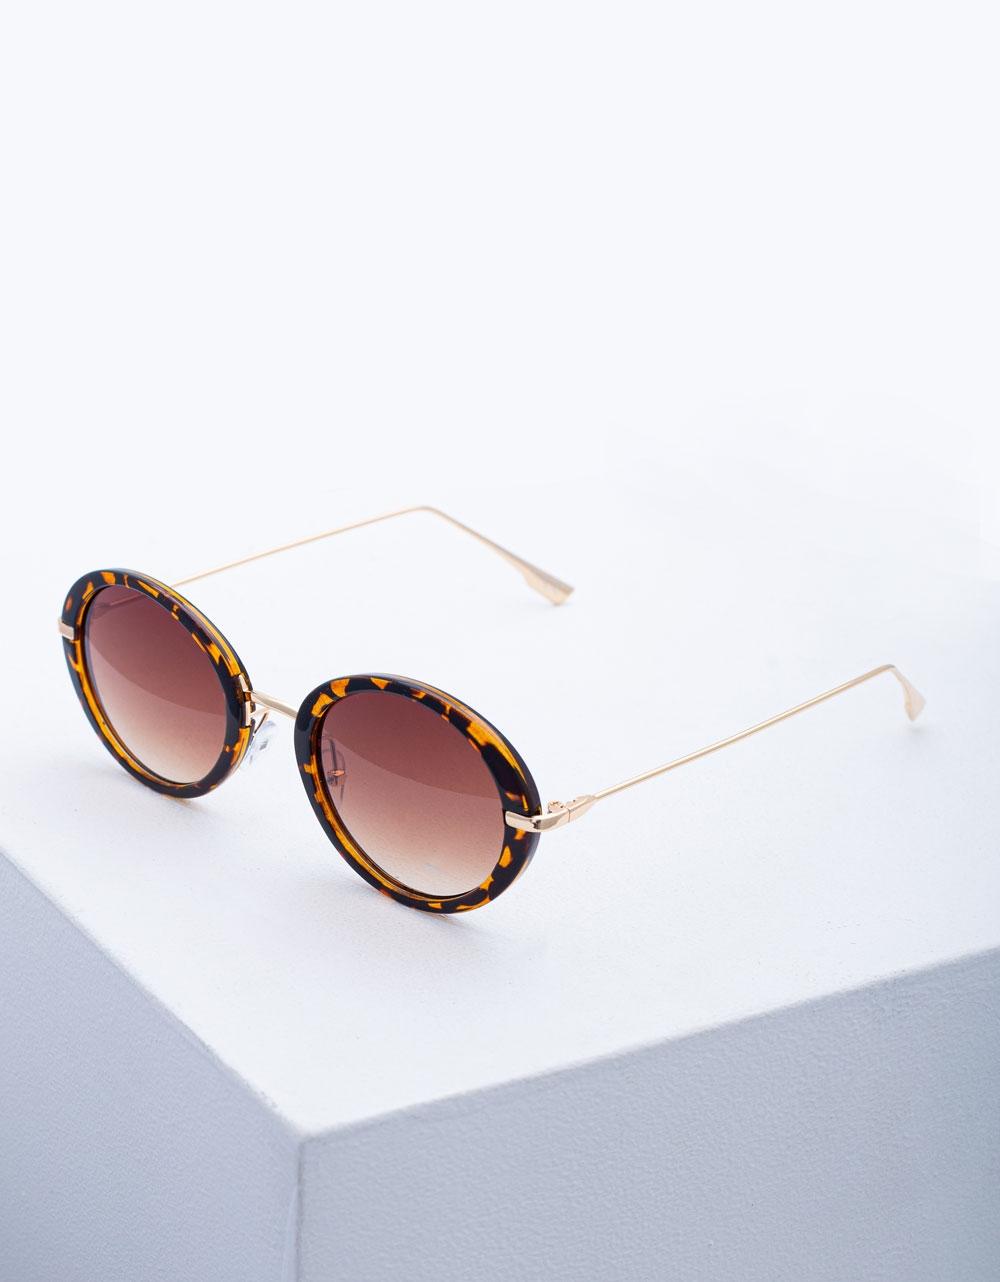 Εικόνα από Γυναικεία γυαλιά ηλίου με λεπτό σκελετό Λεοπάρ